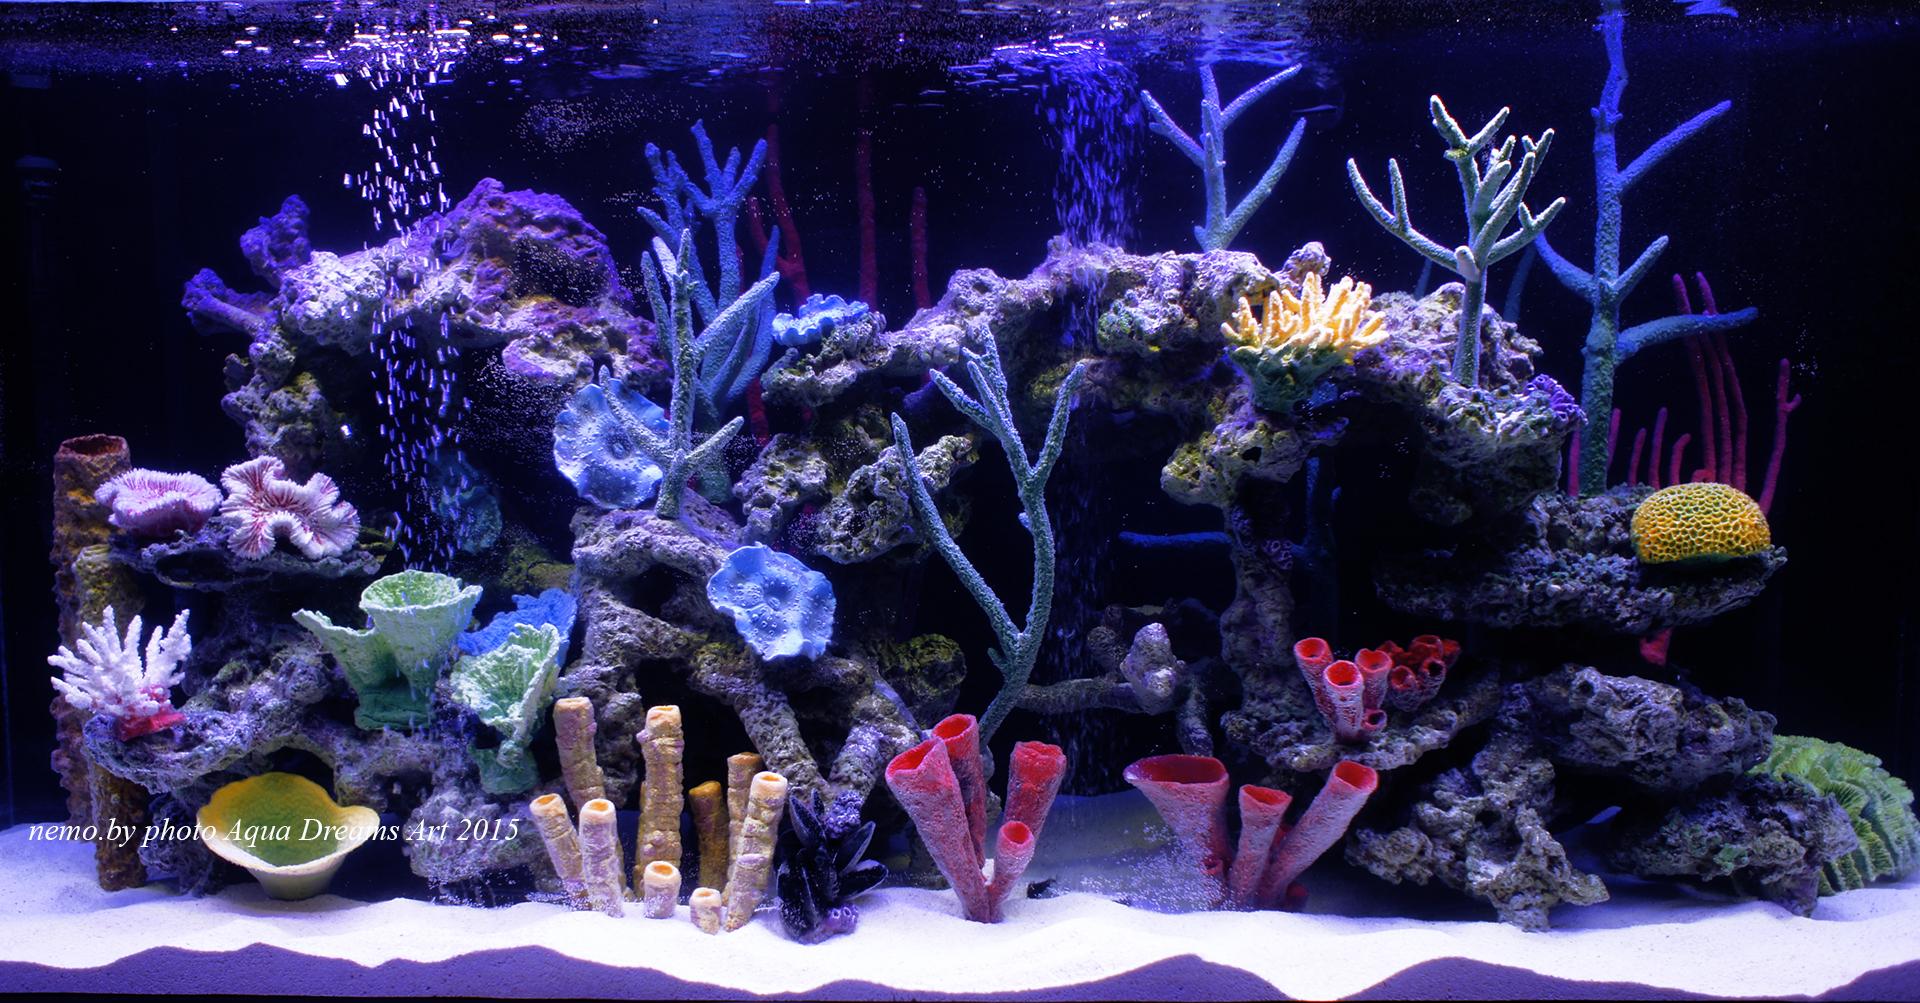 Как сделать кораллы в домашних условиях. кораллы своими руками! (5 мастер-классов)